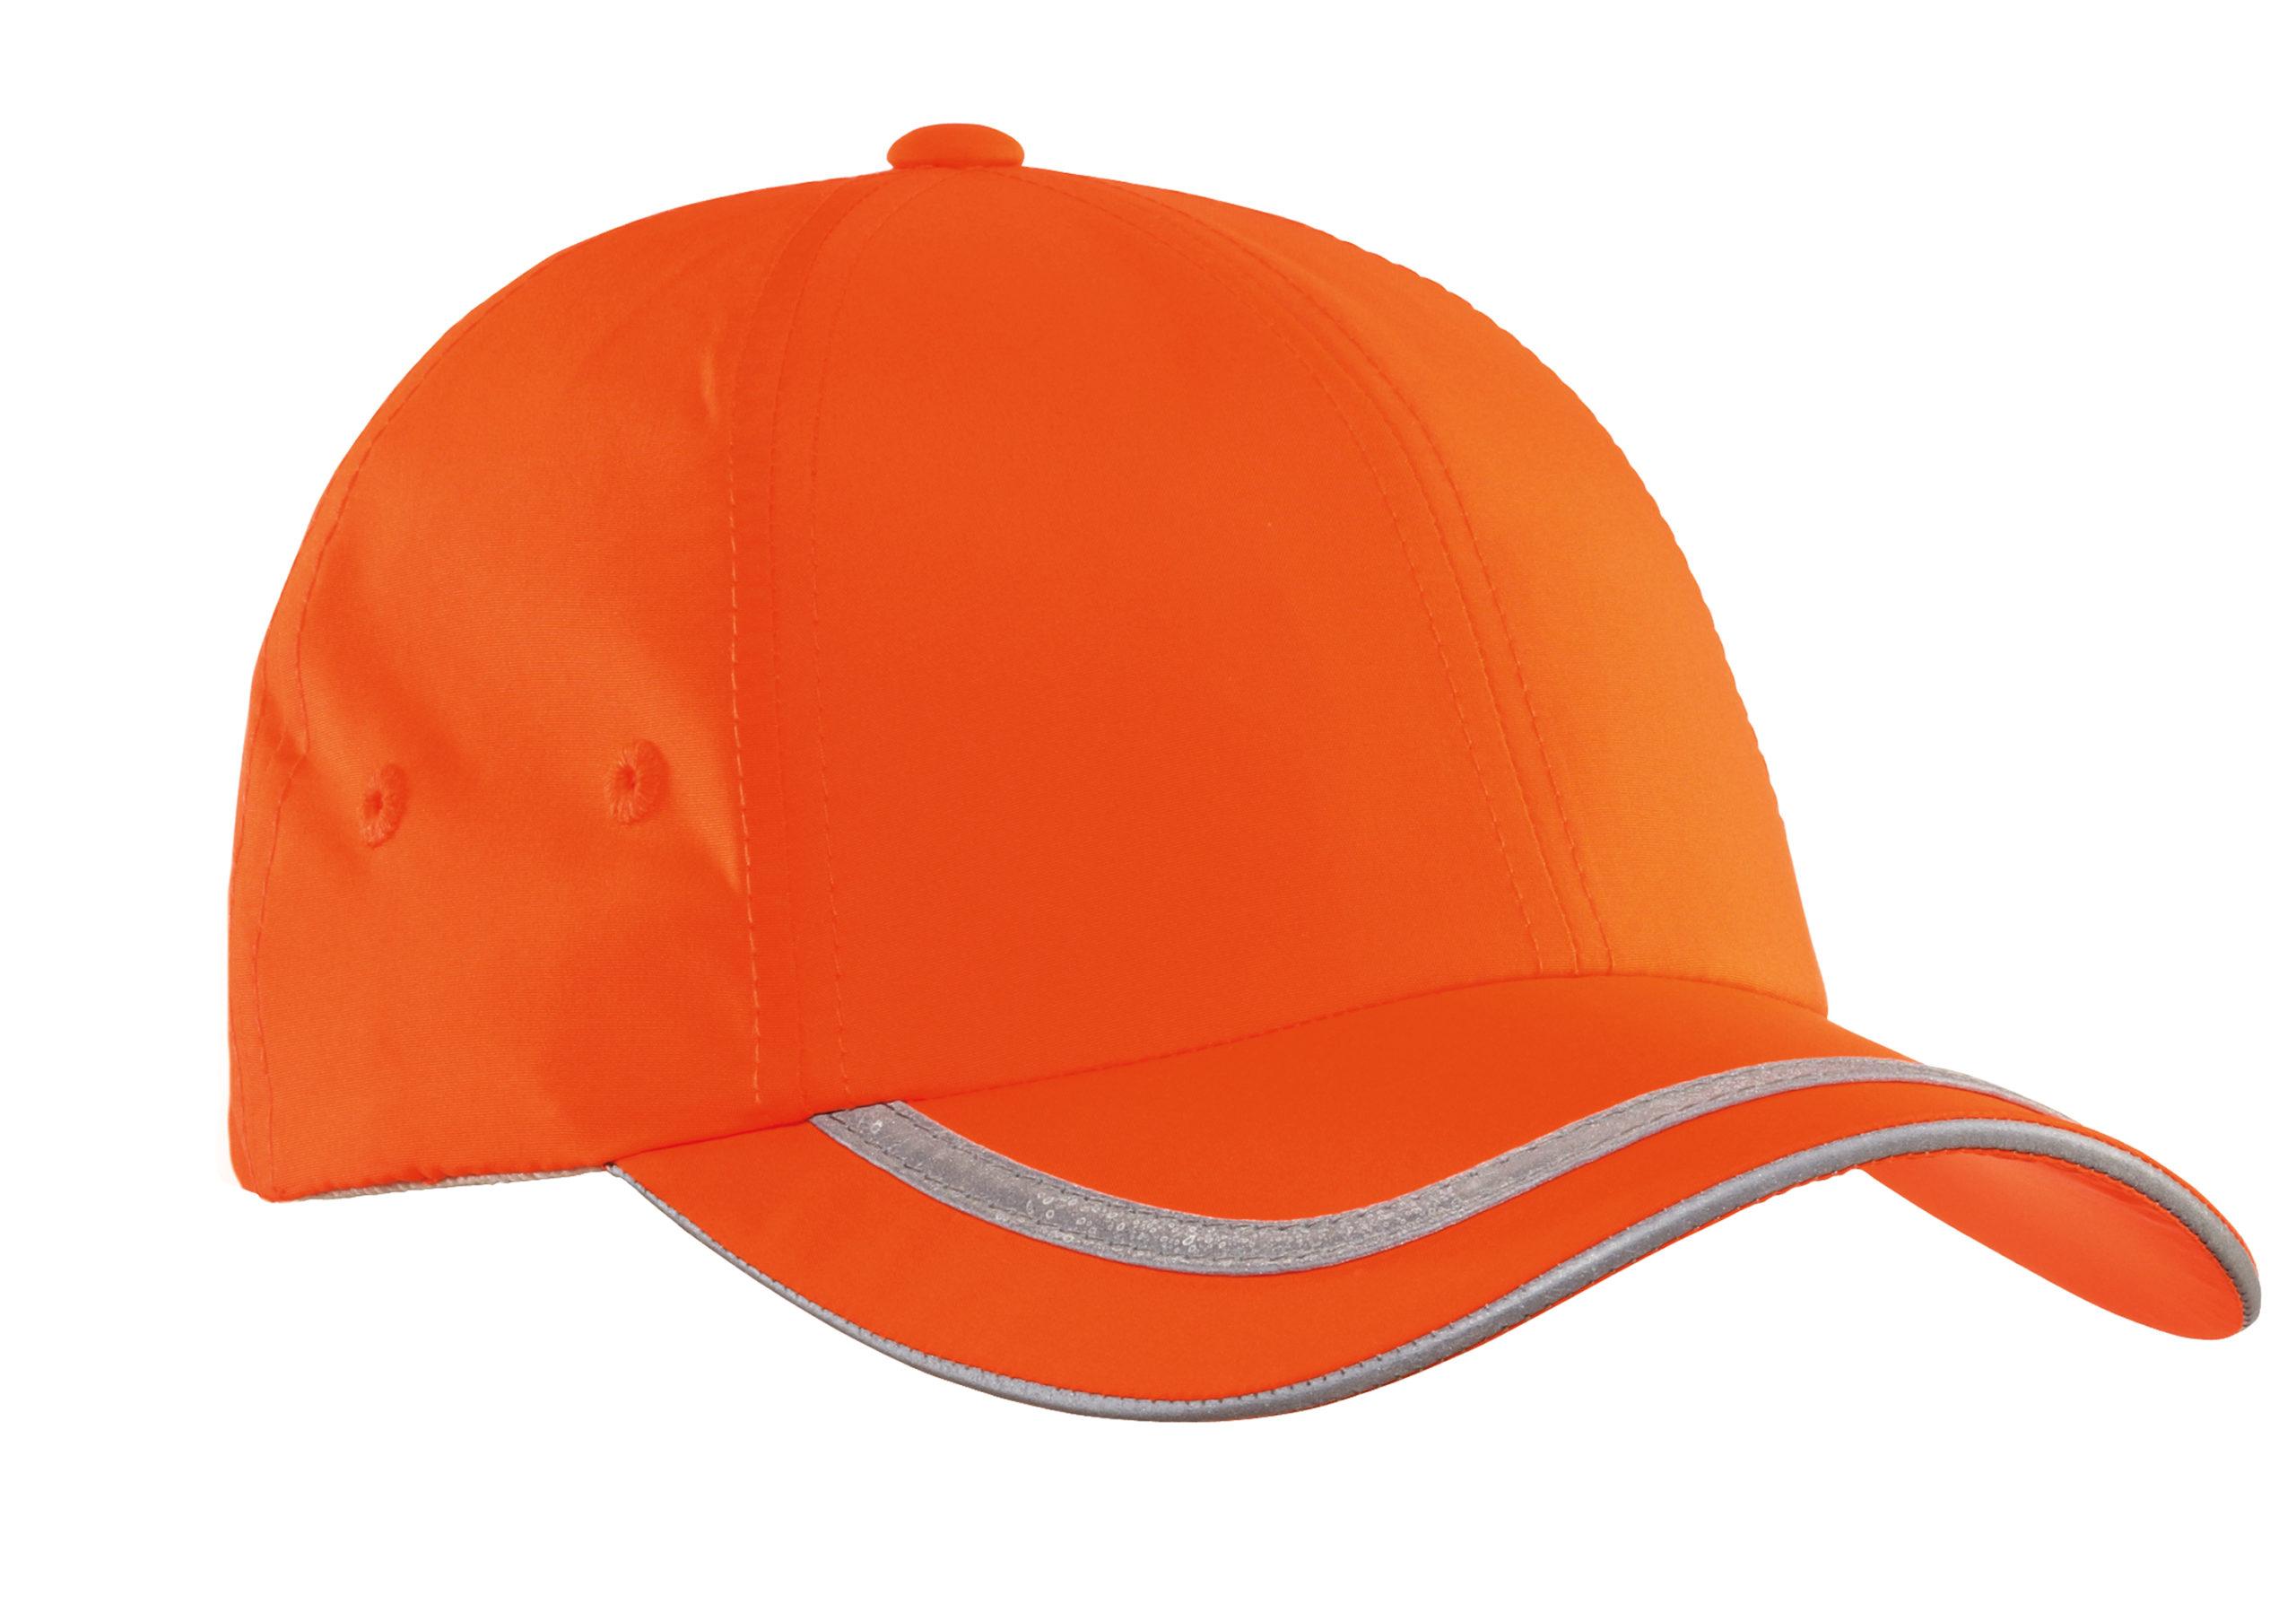 safety hat orange